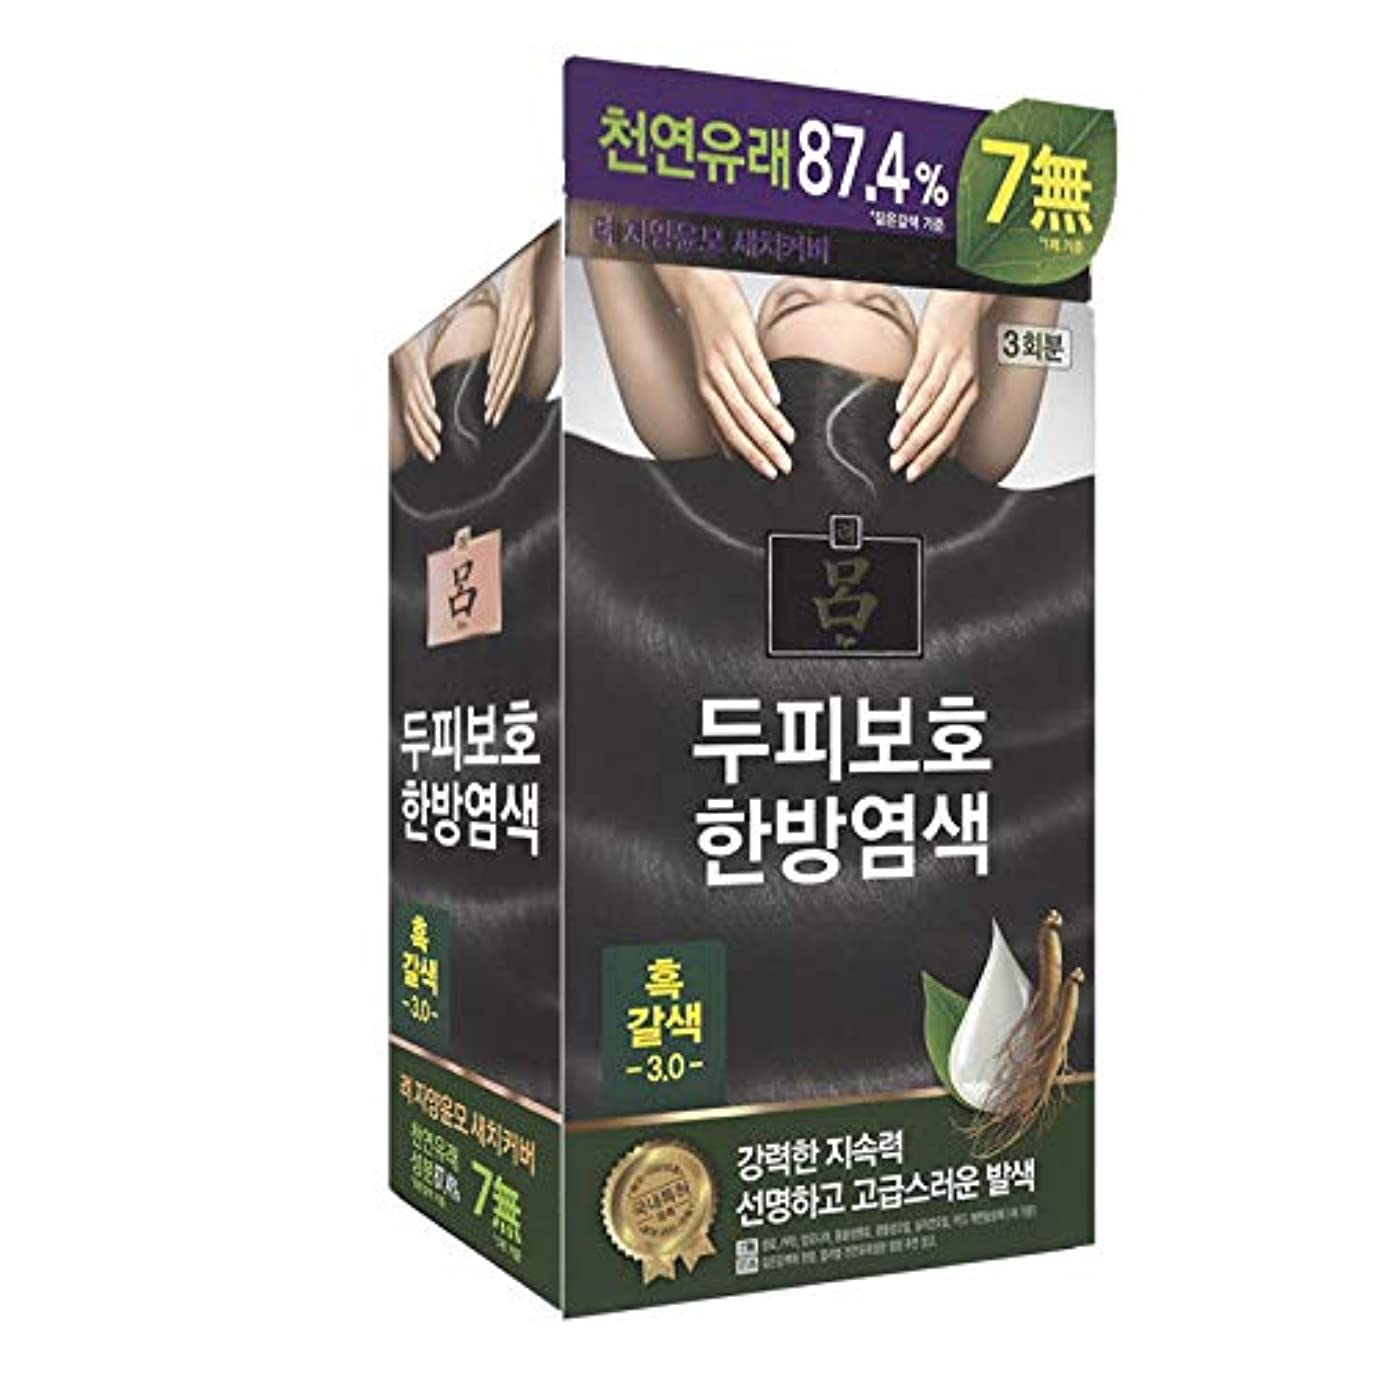 成分腸国歌アモーレパシフィック呂[AMOREPACIFIC/Ryo] Jayang Yunmoグレーヘアカバー 3.0 黒褐色(Blackish Brown)